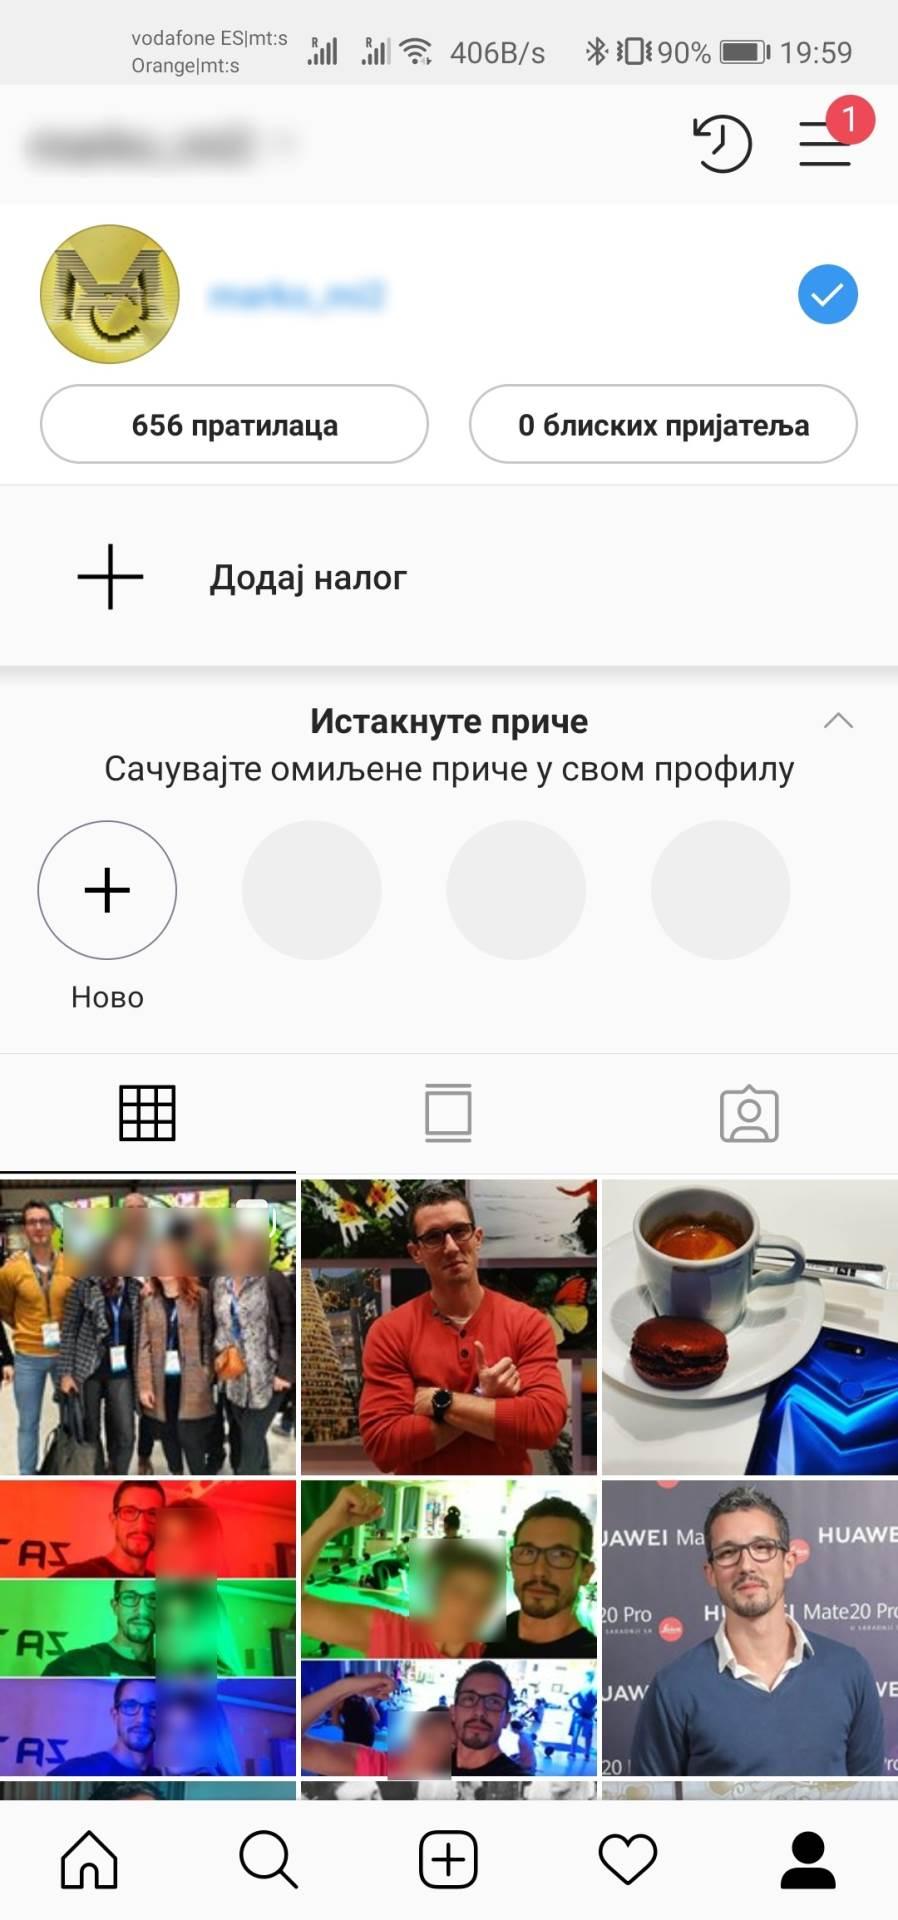 Kompromitovan Instagram - mijenjajte lozinke!